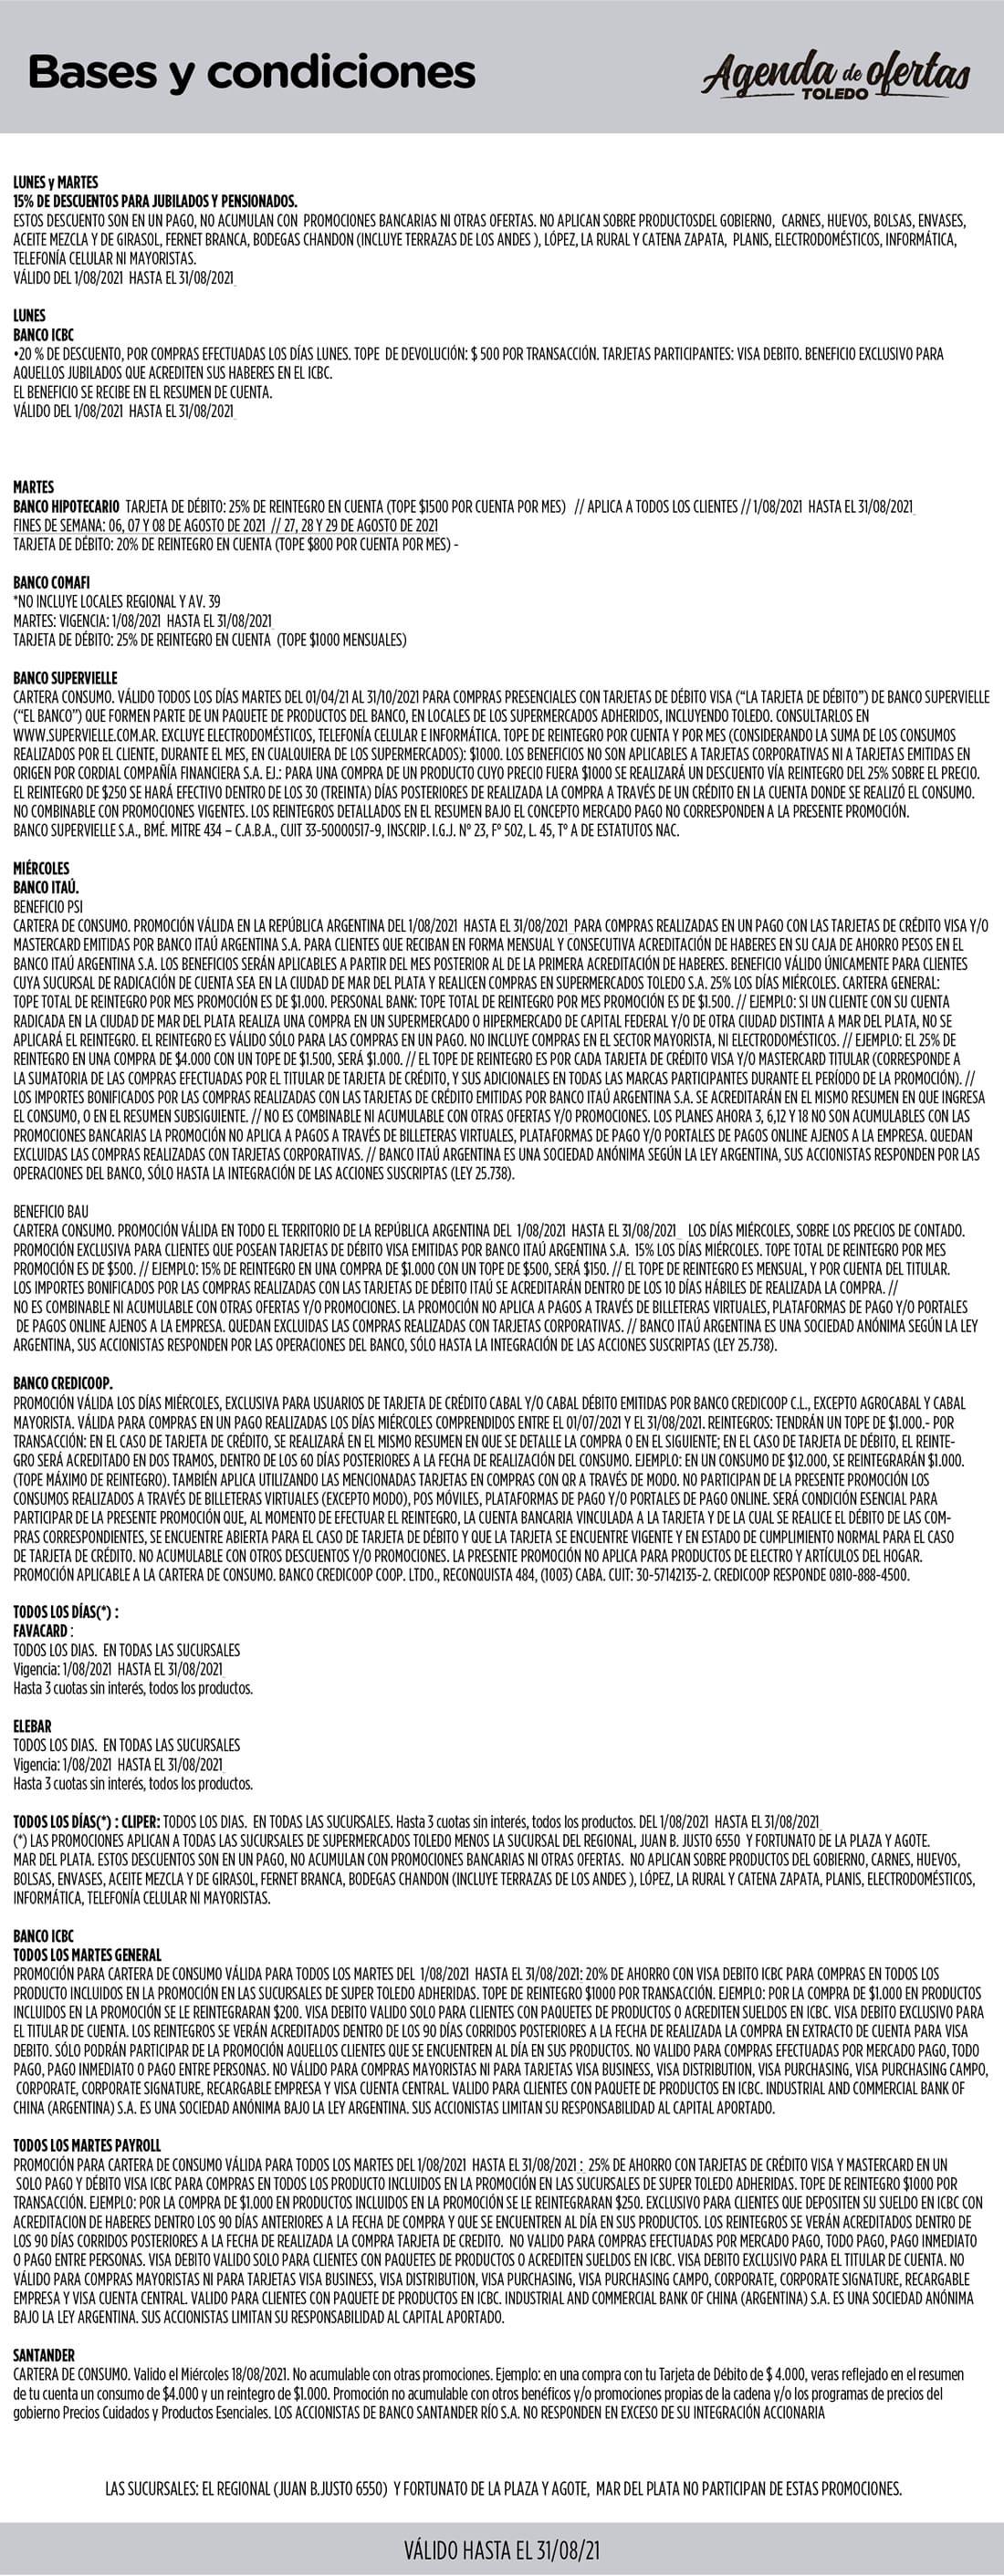 Legales-agenda-de-bancos-_ULTIMO-1